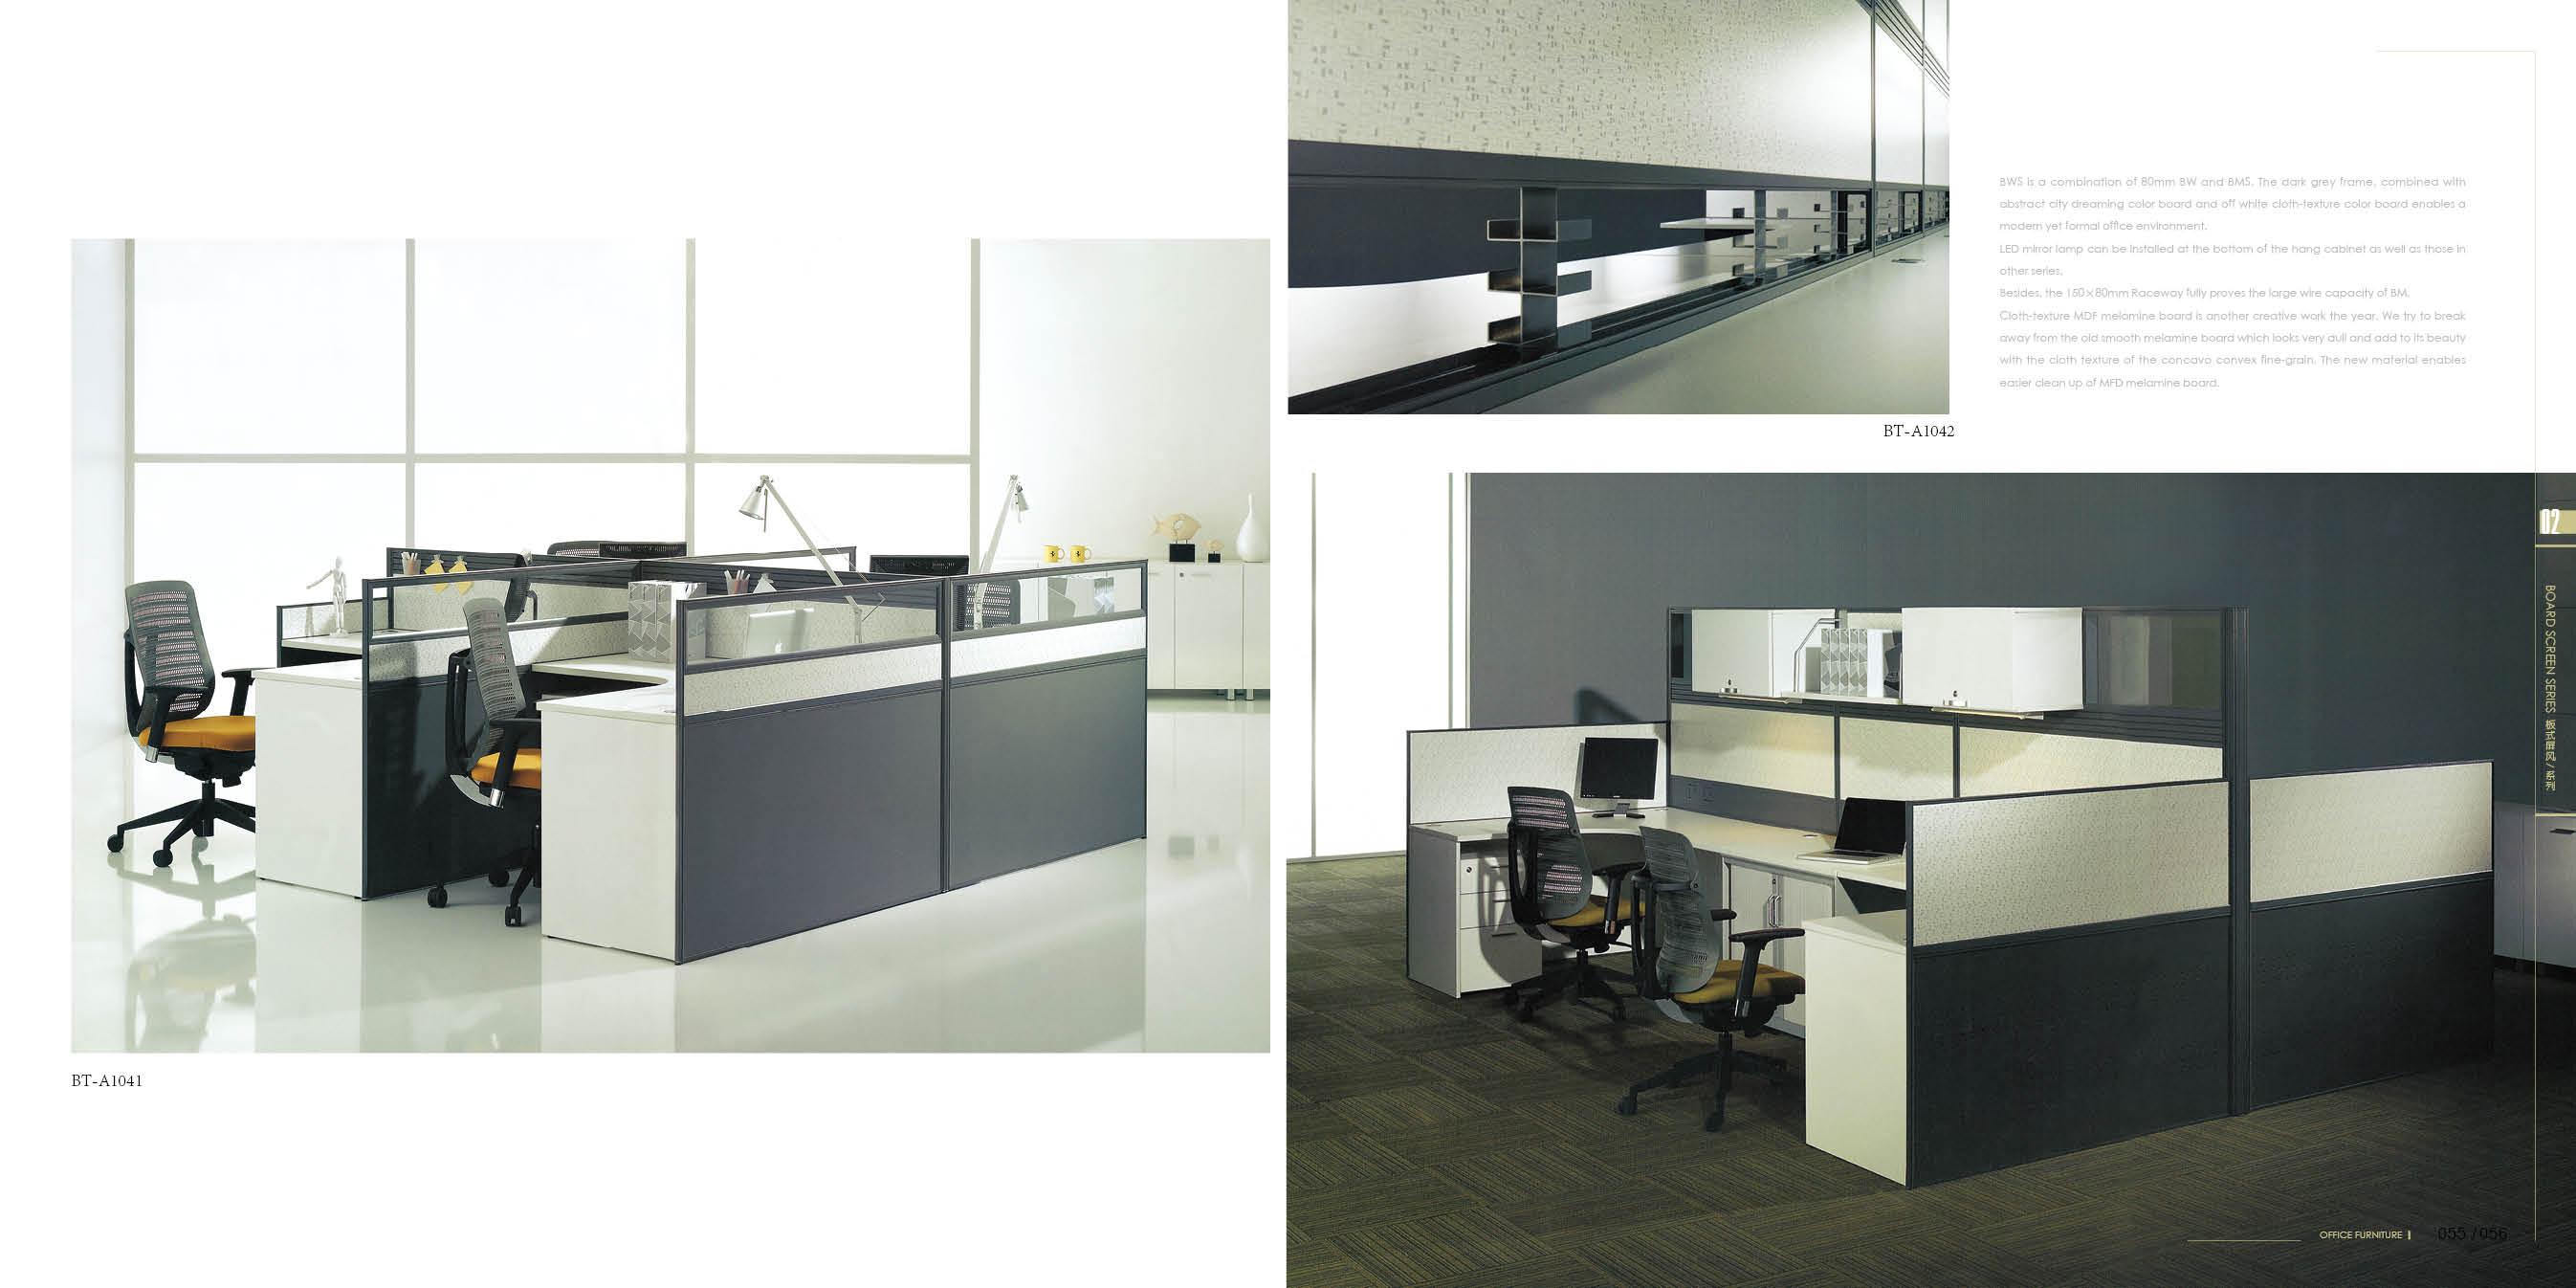 工厂直销屏风式办公桌 屏风式办公桌厂家定作 恒芯供